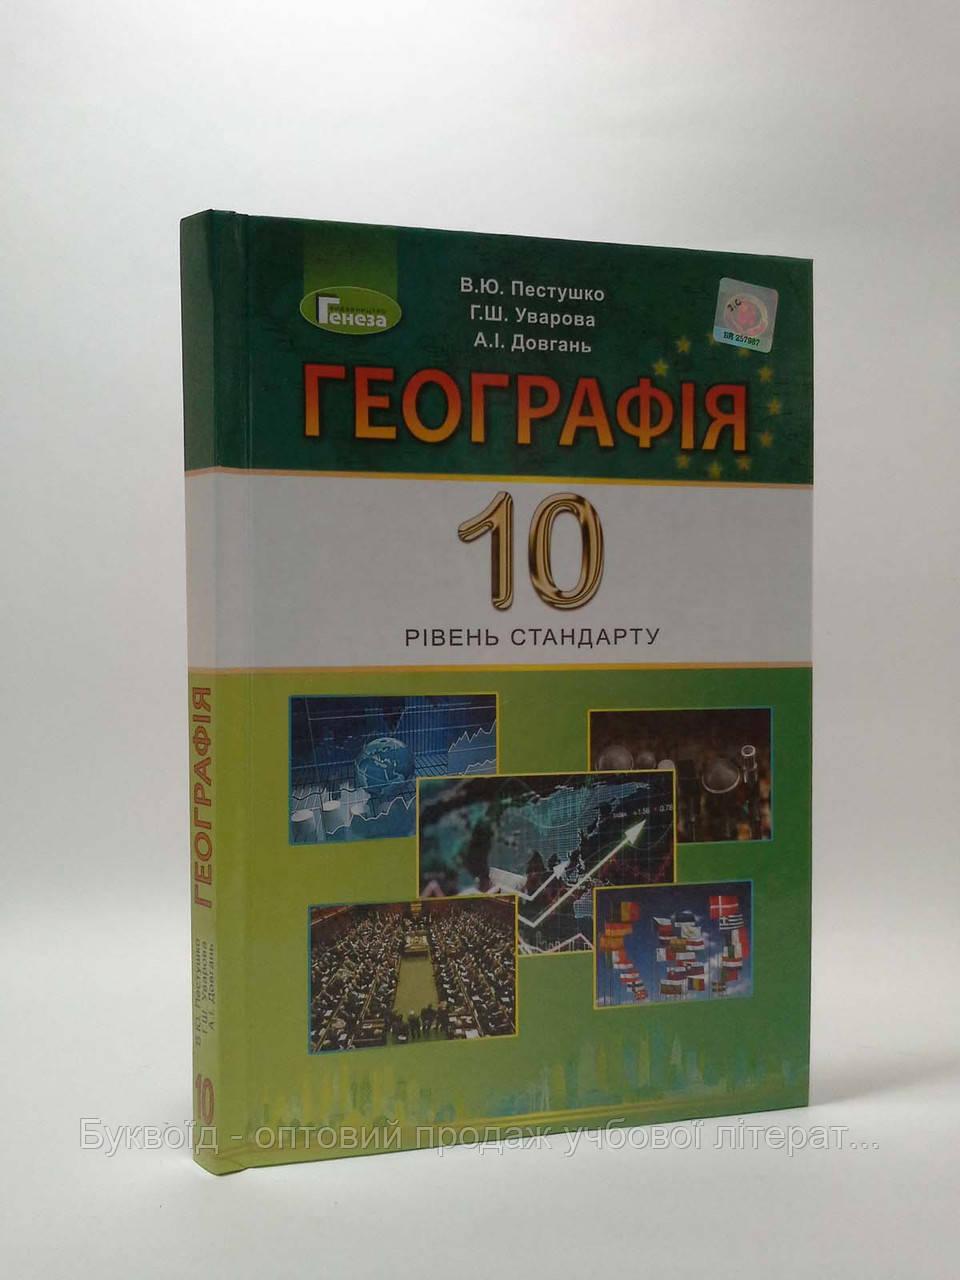 Географія 10 клас Підручник Рівень стандарту Пестушко Генеза ISBN 978-966-11-0908-6